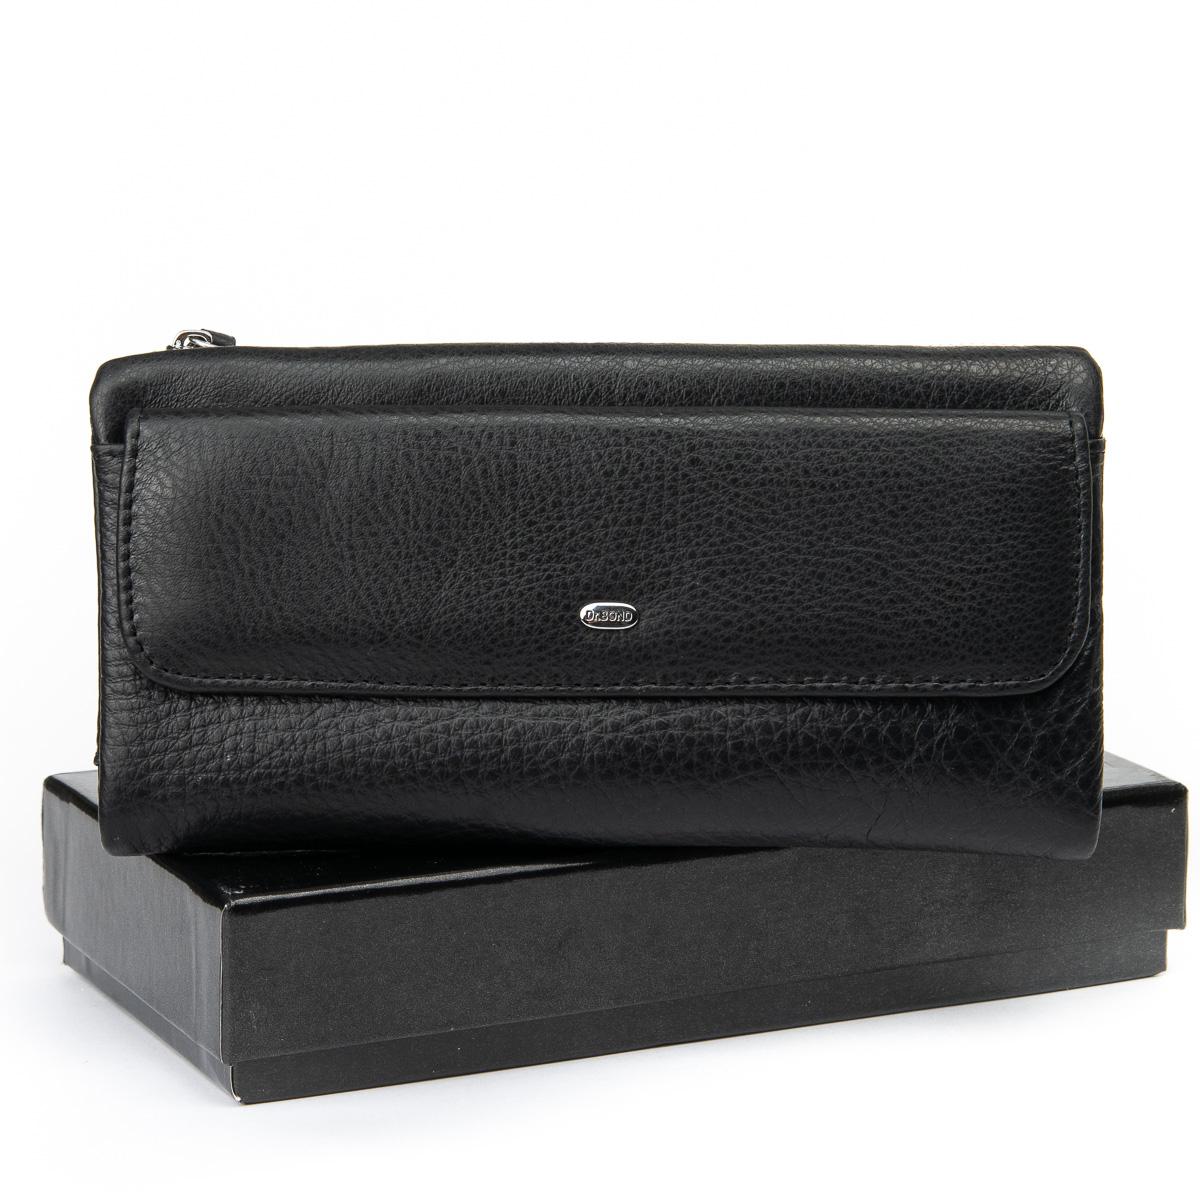 Маленький мужской клатч «Dr.Bond» из мягкой натуральной кожи чёрного цвета купить. Цена 899 грн